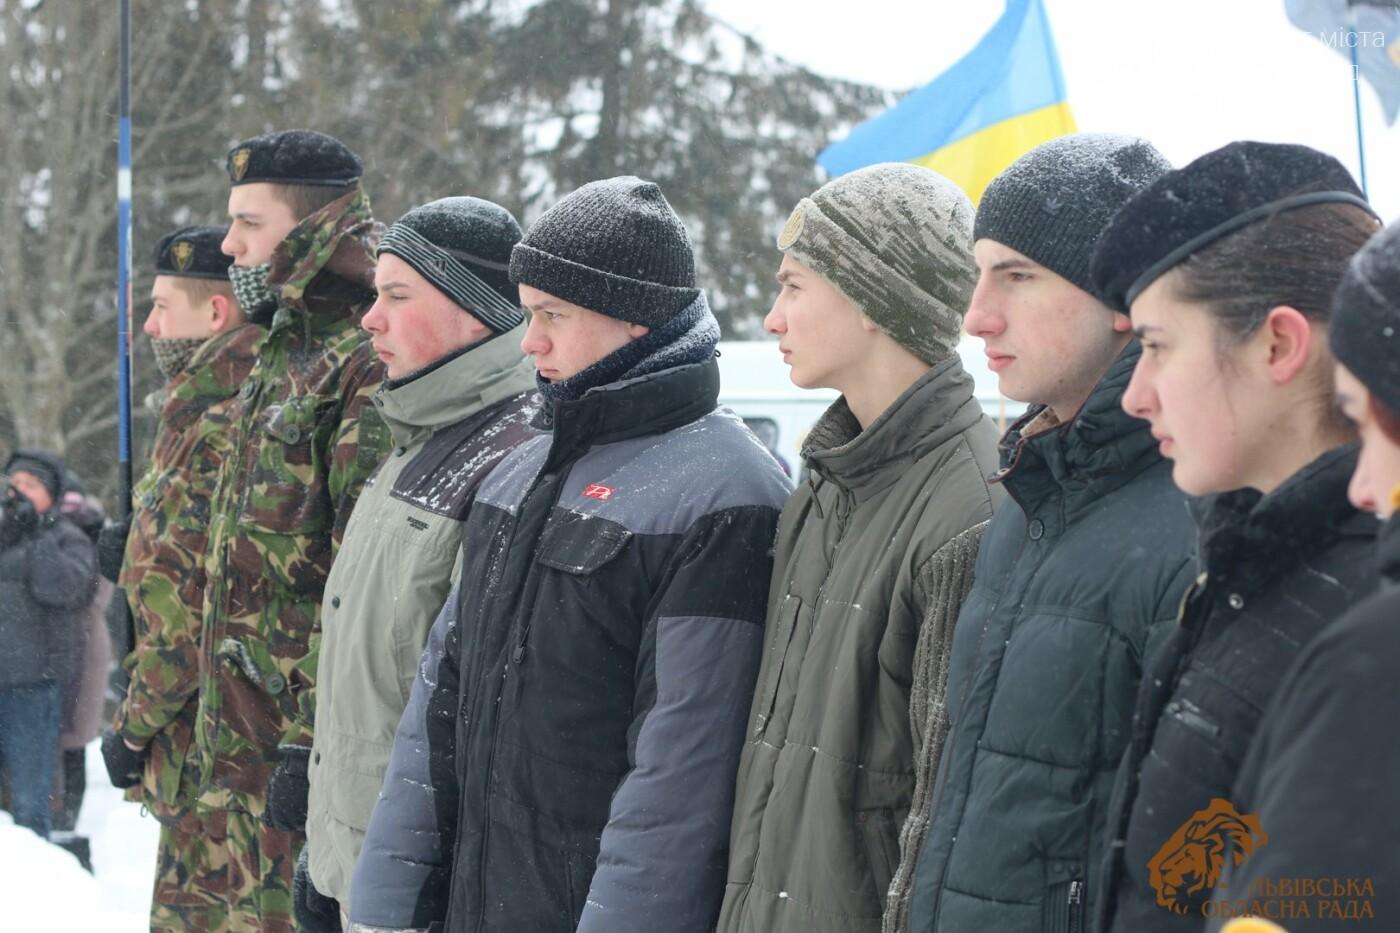 Закарпатці віддали шану полеглим січовикам Карпатської України на Верецькому перевалі (ФОТОРЕПОРТАЖ), фото-8